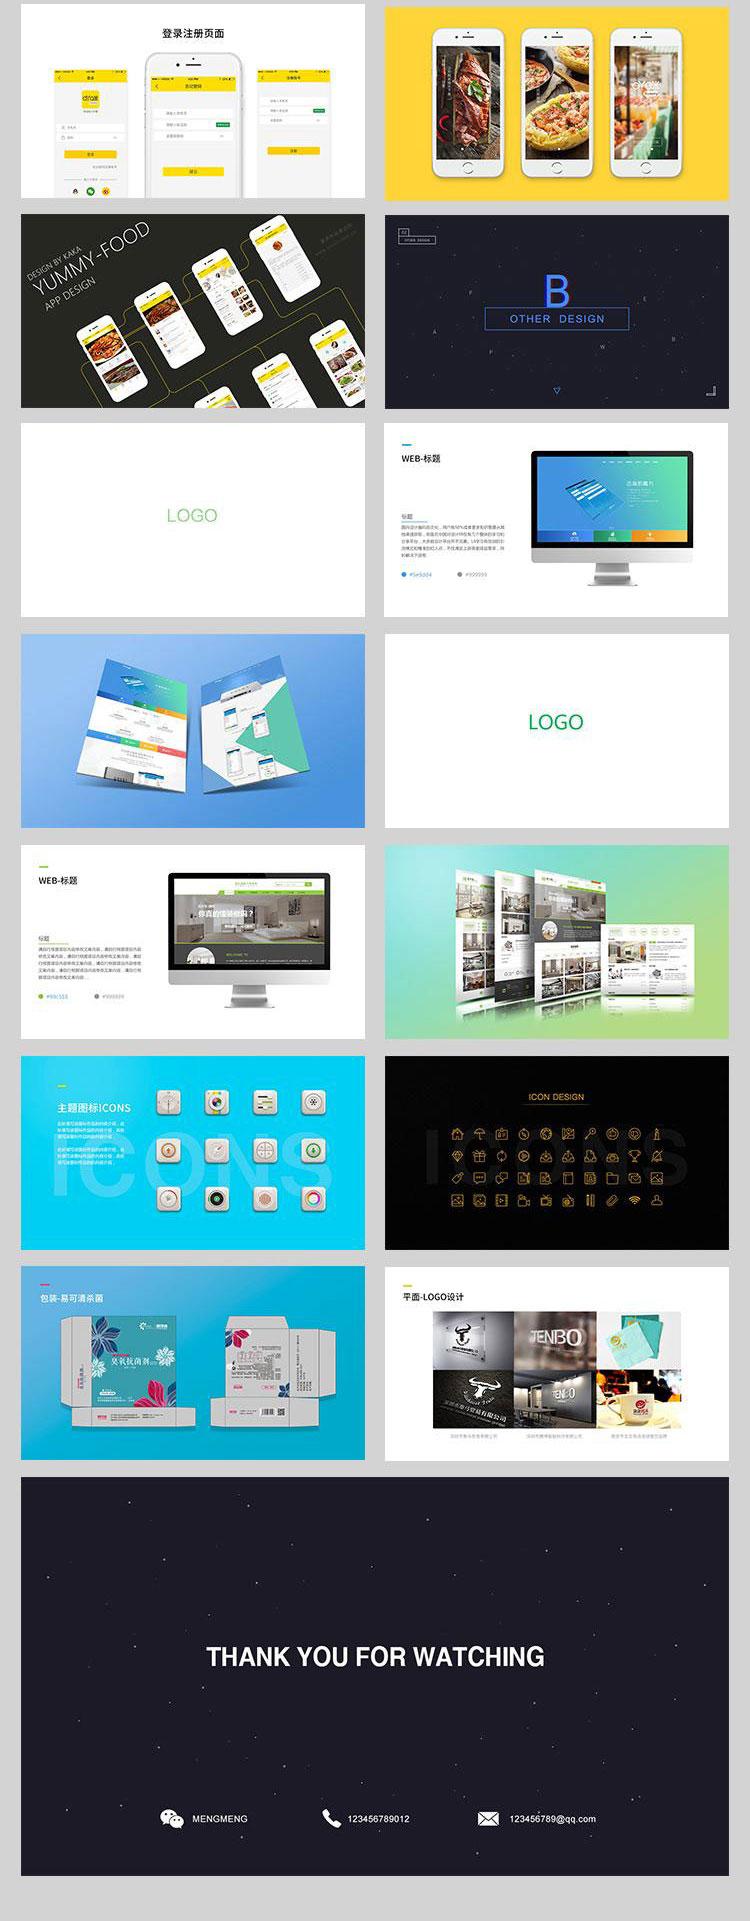 [素材包]UI作品集展示模板网页平面UI设计师作品简历面试PSD设计素材 素材包-第10张